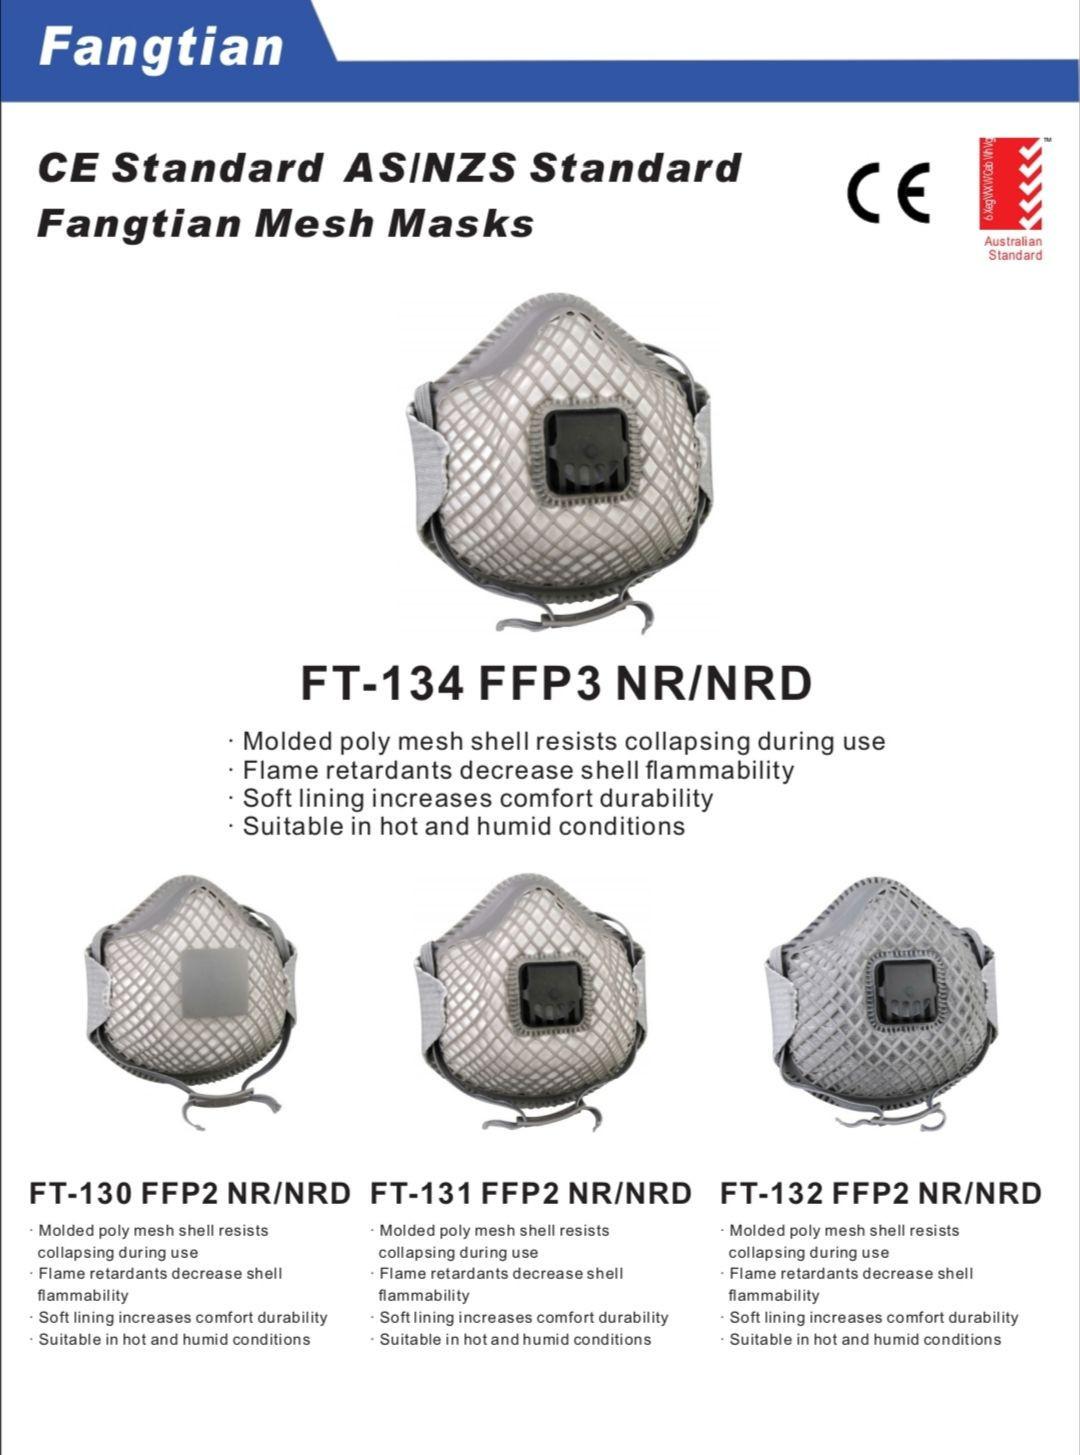 FT-134/130/131/132 FFP2/3 NR/NRD